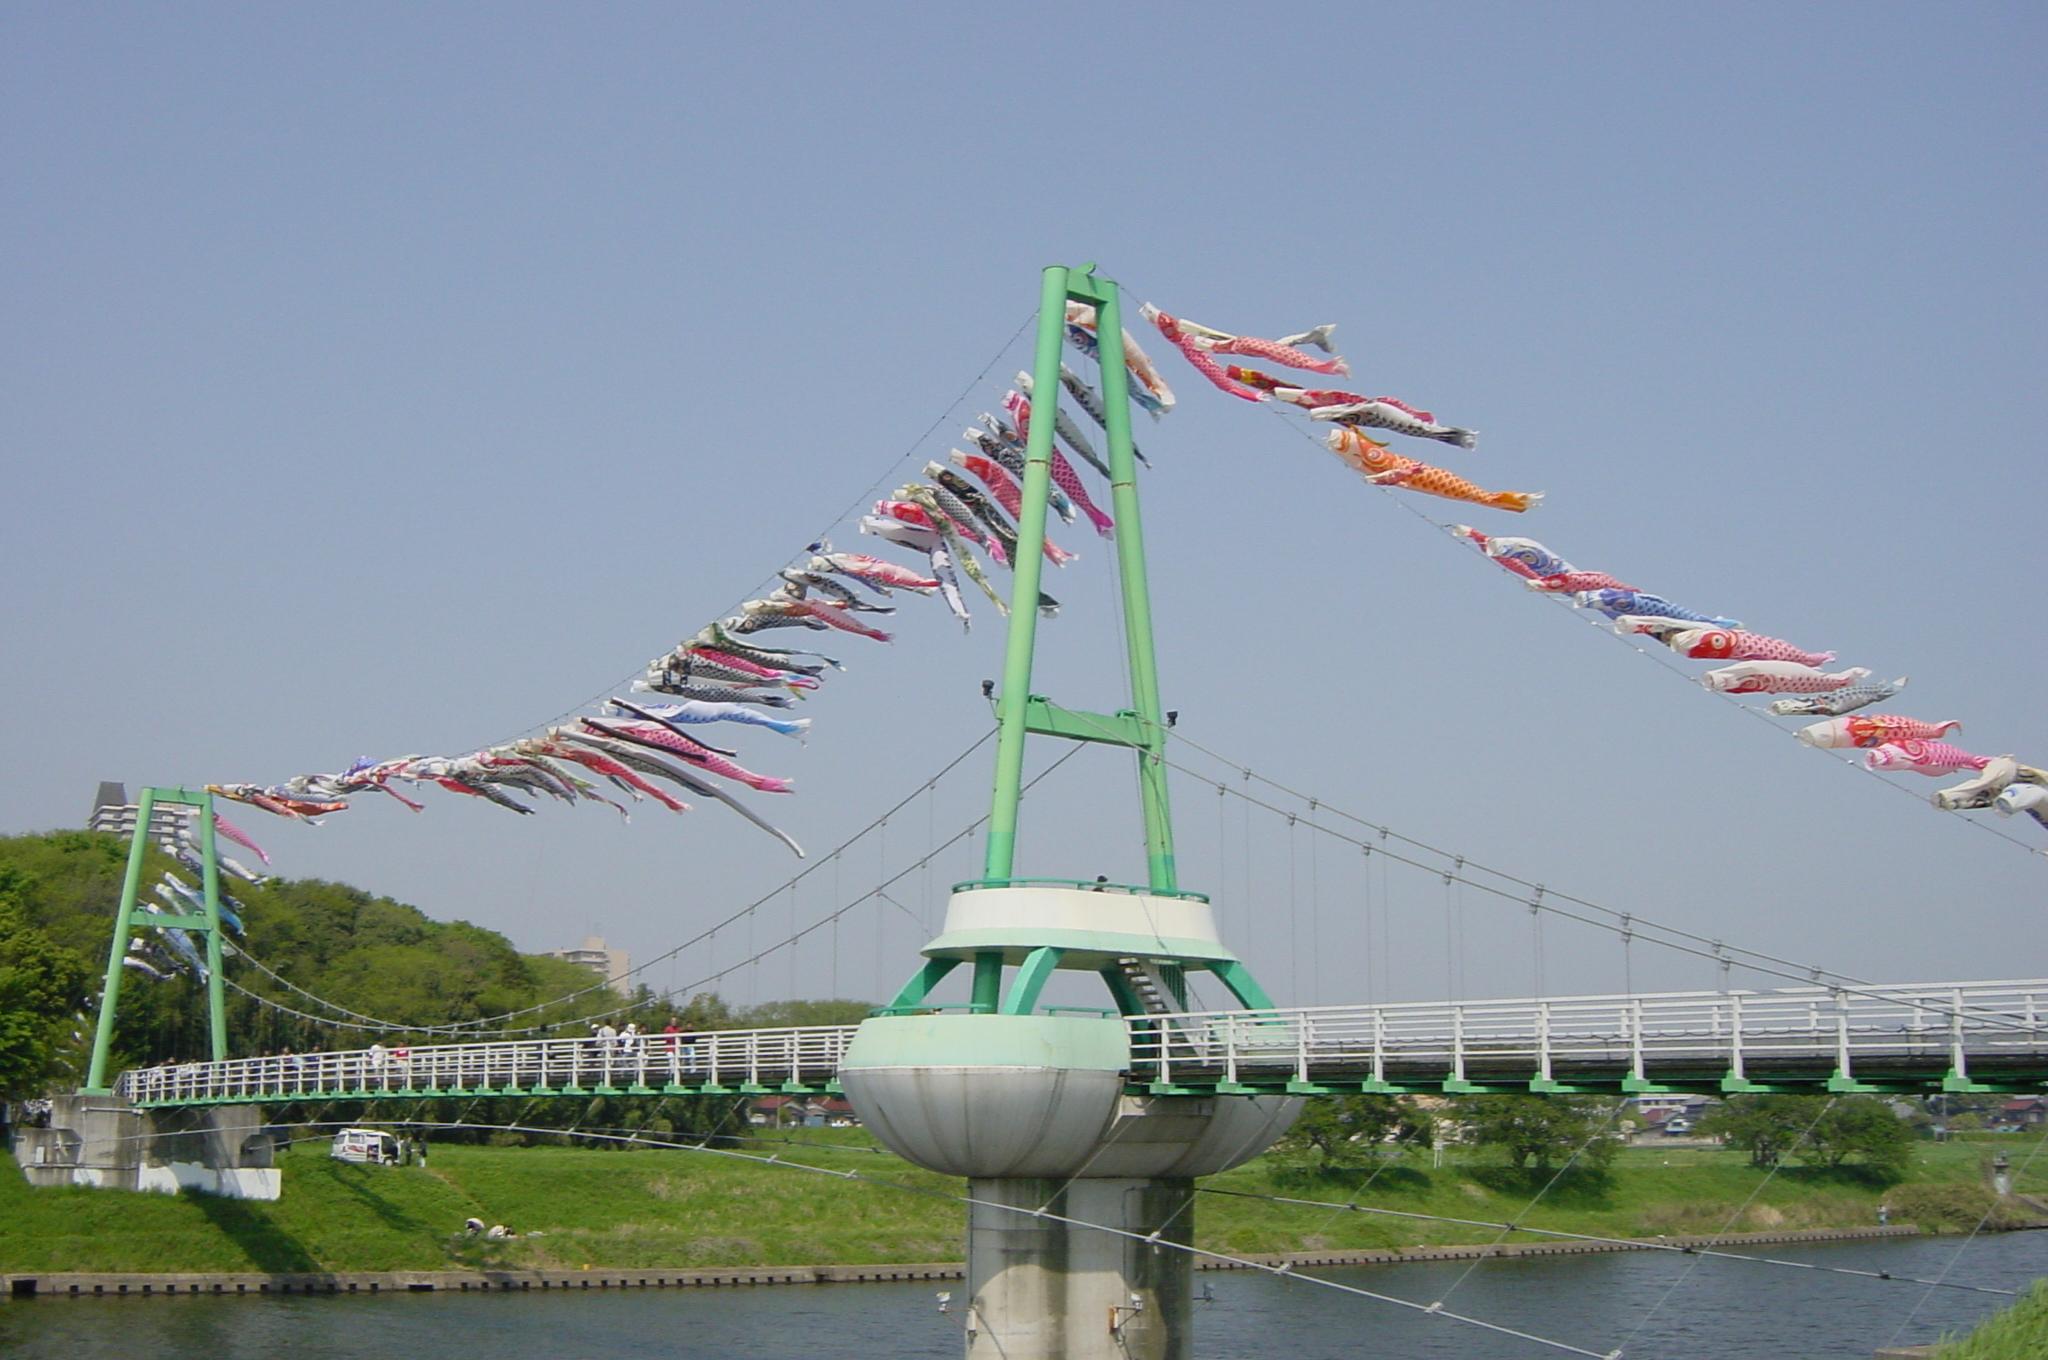 4 ゆらゆら橋